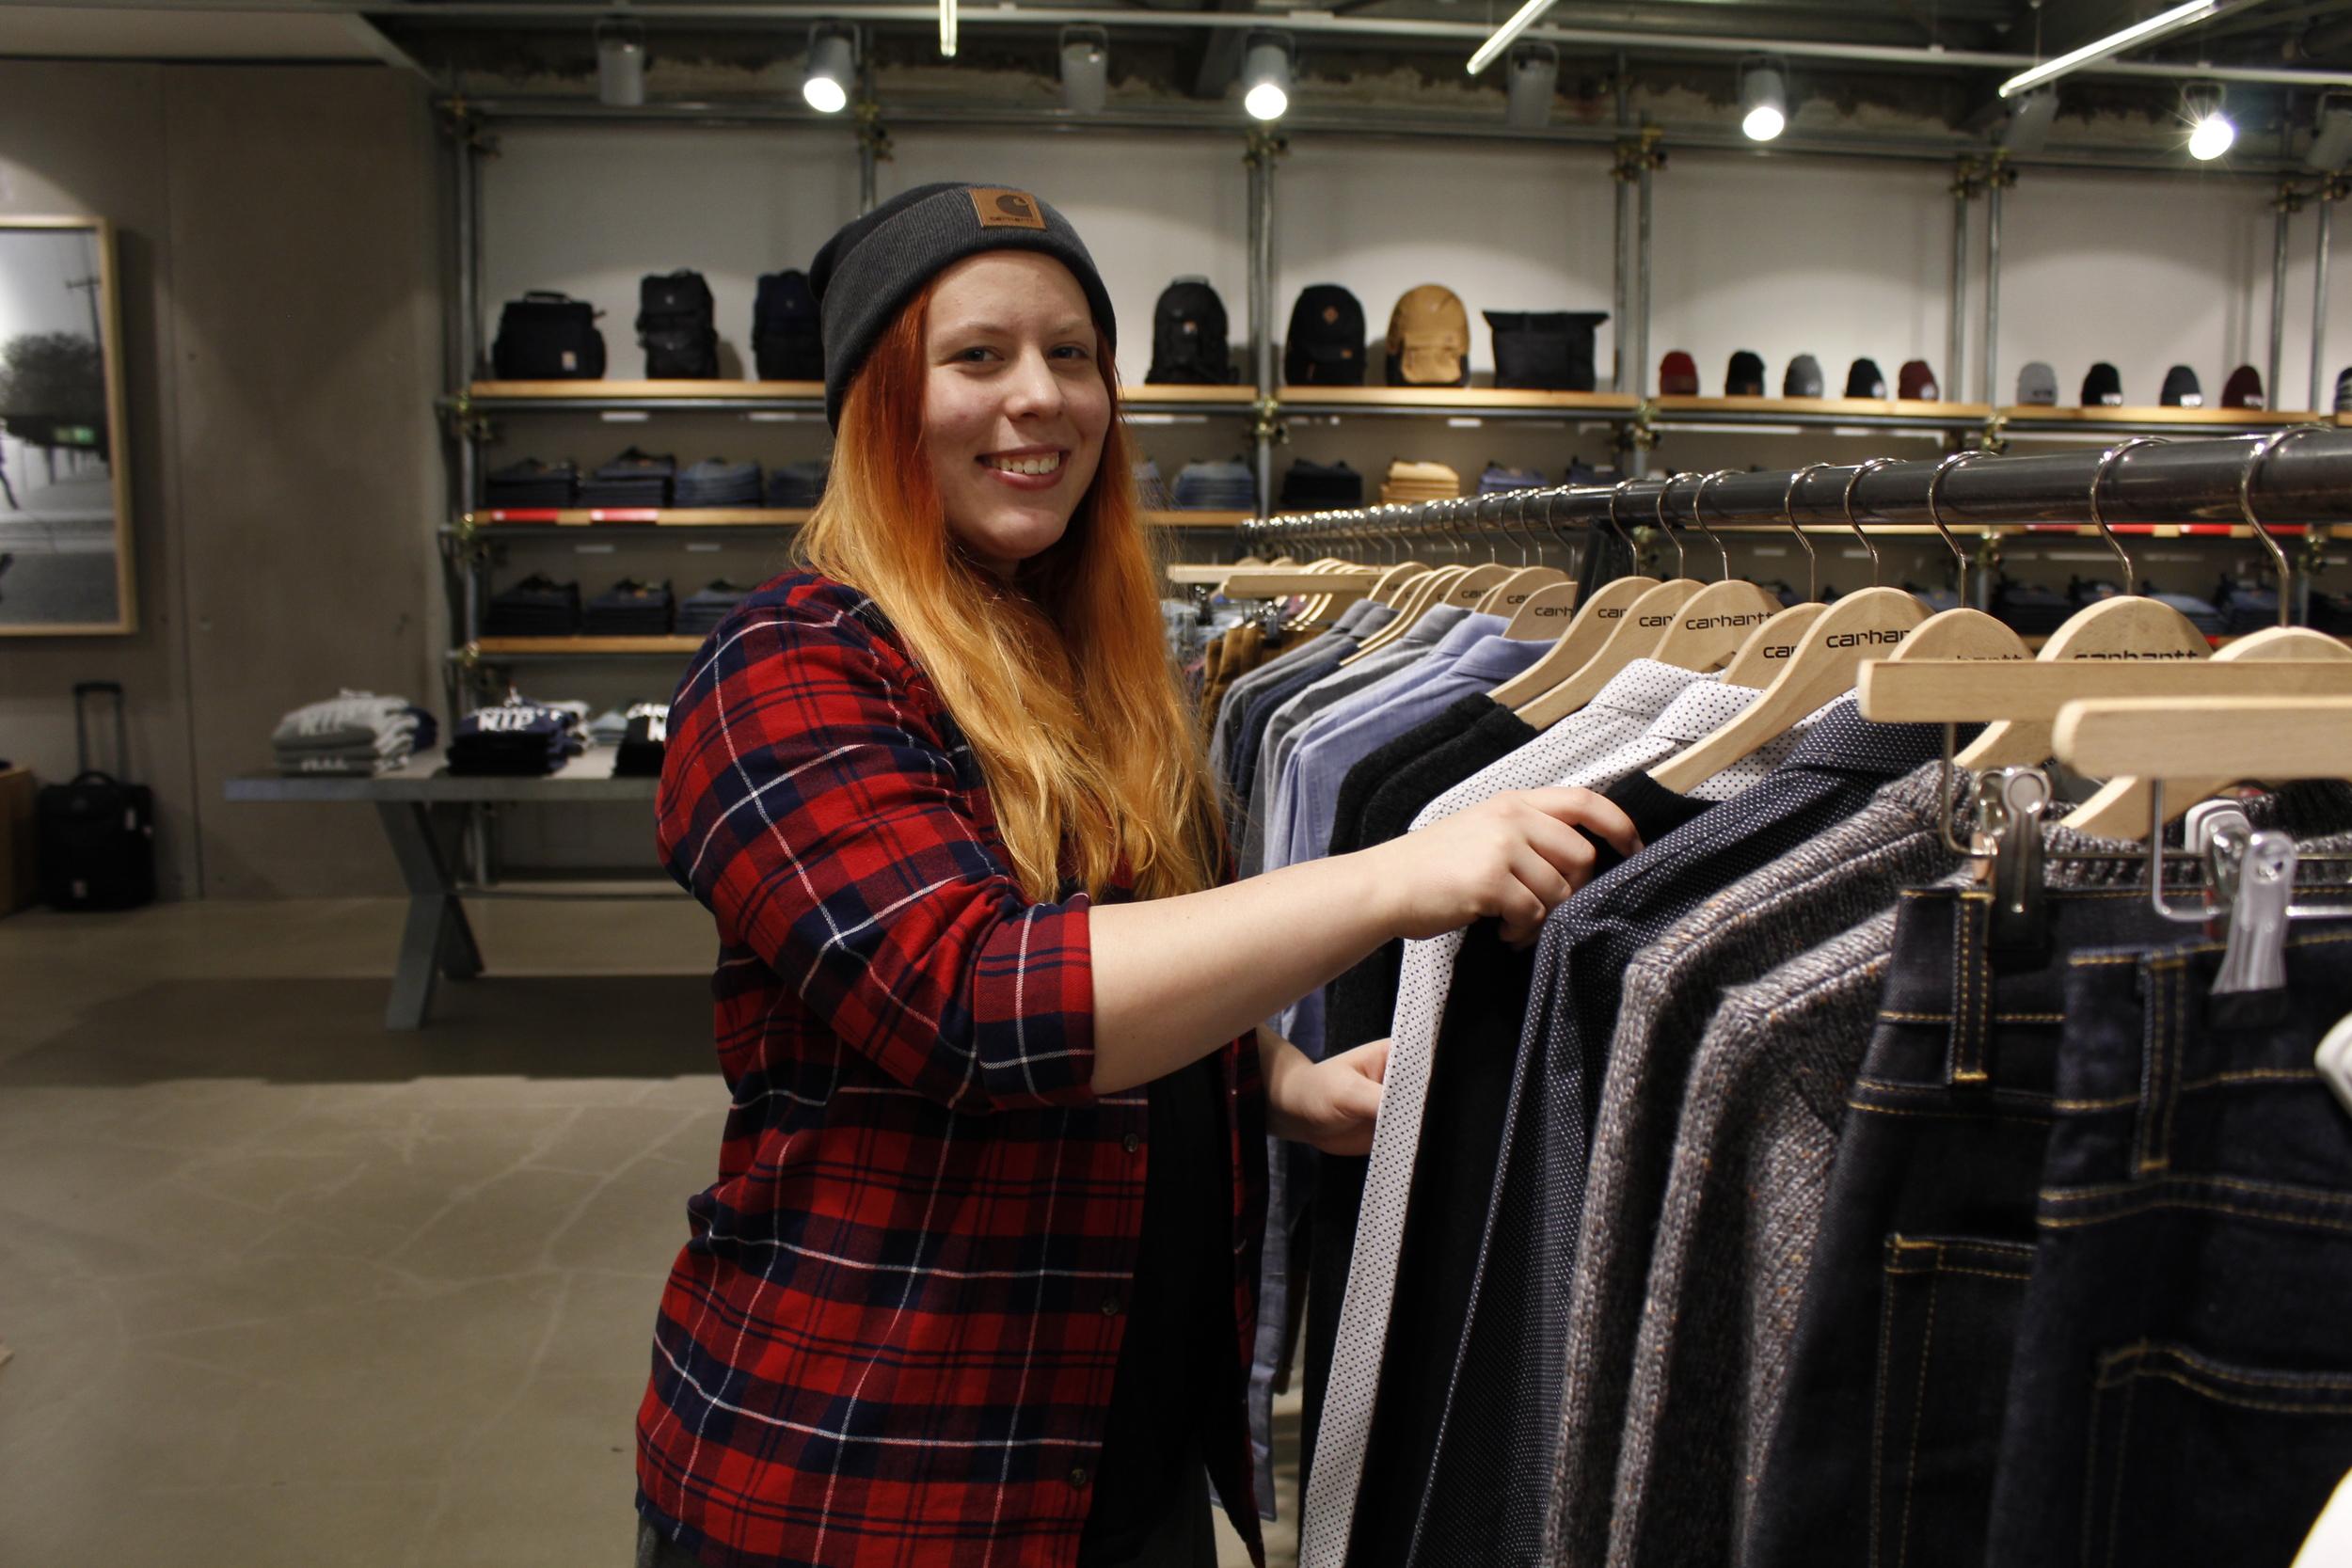 Evelina från Kungstensgymnasiet tillbringartre veckorpå klädbutiken Carhartt.